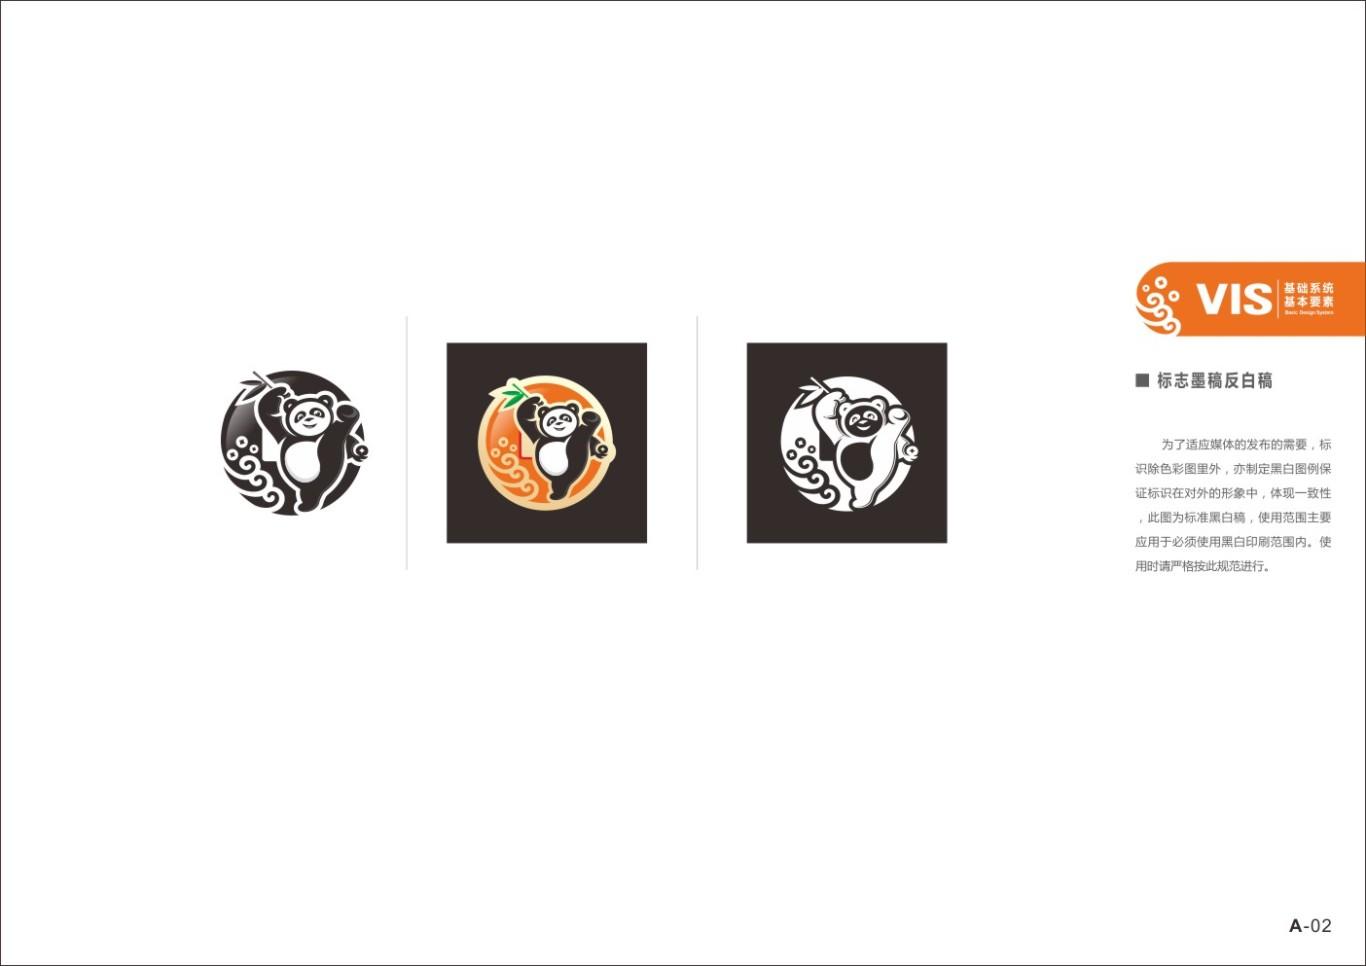 四川广融钱多多品牌及VI形象设计图3